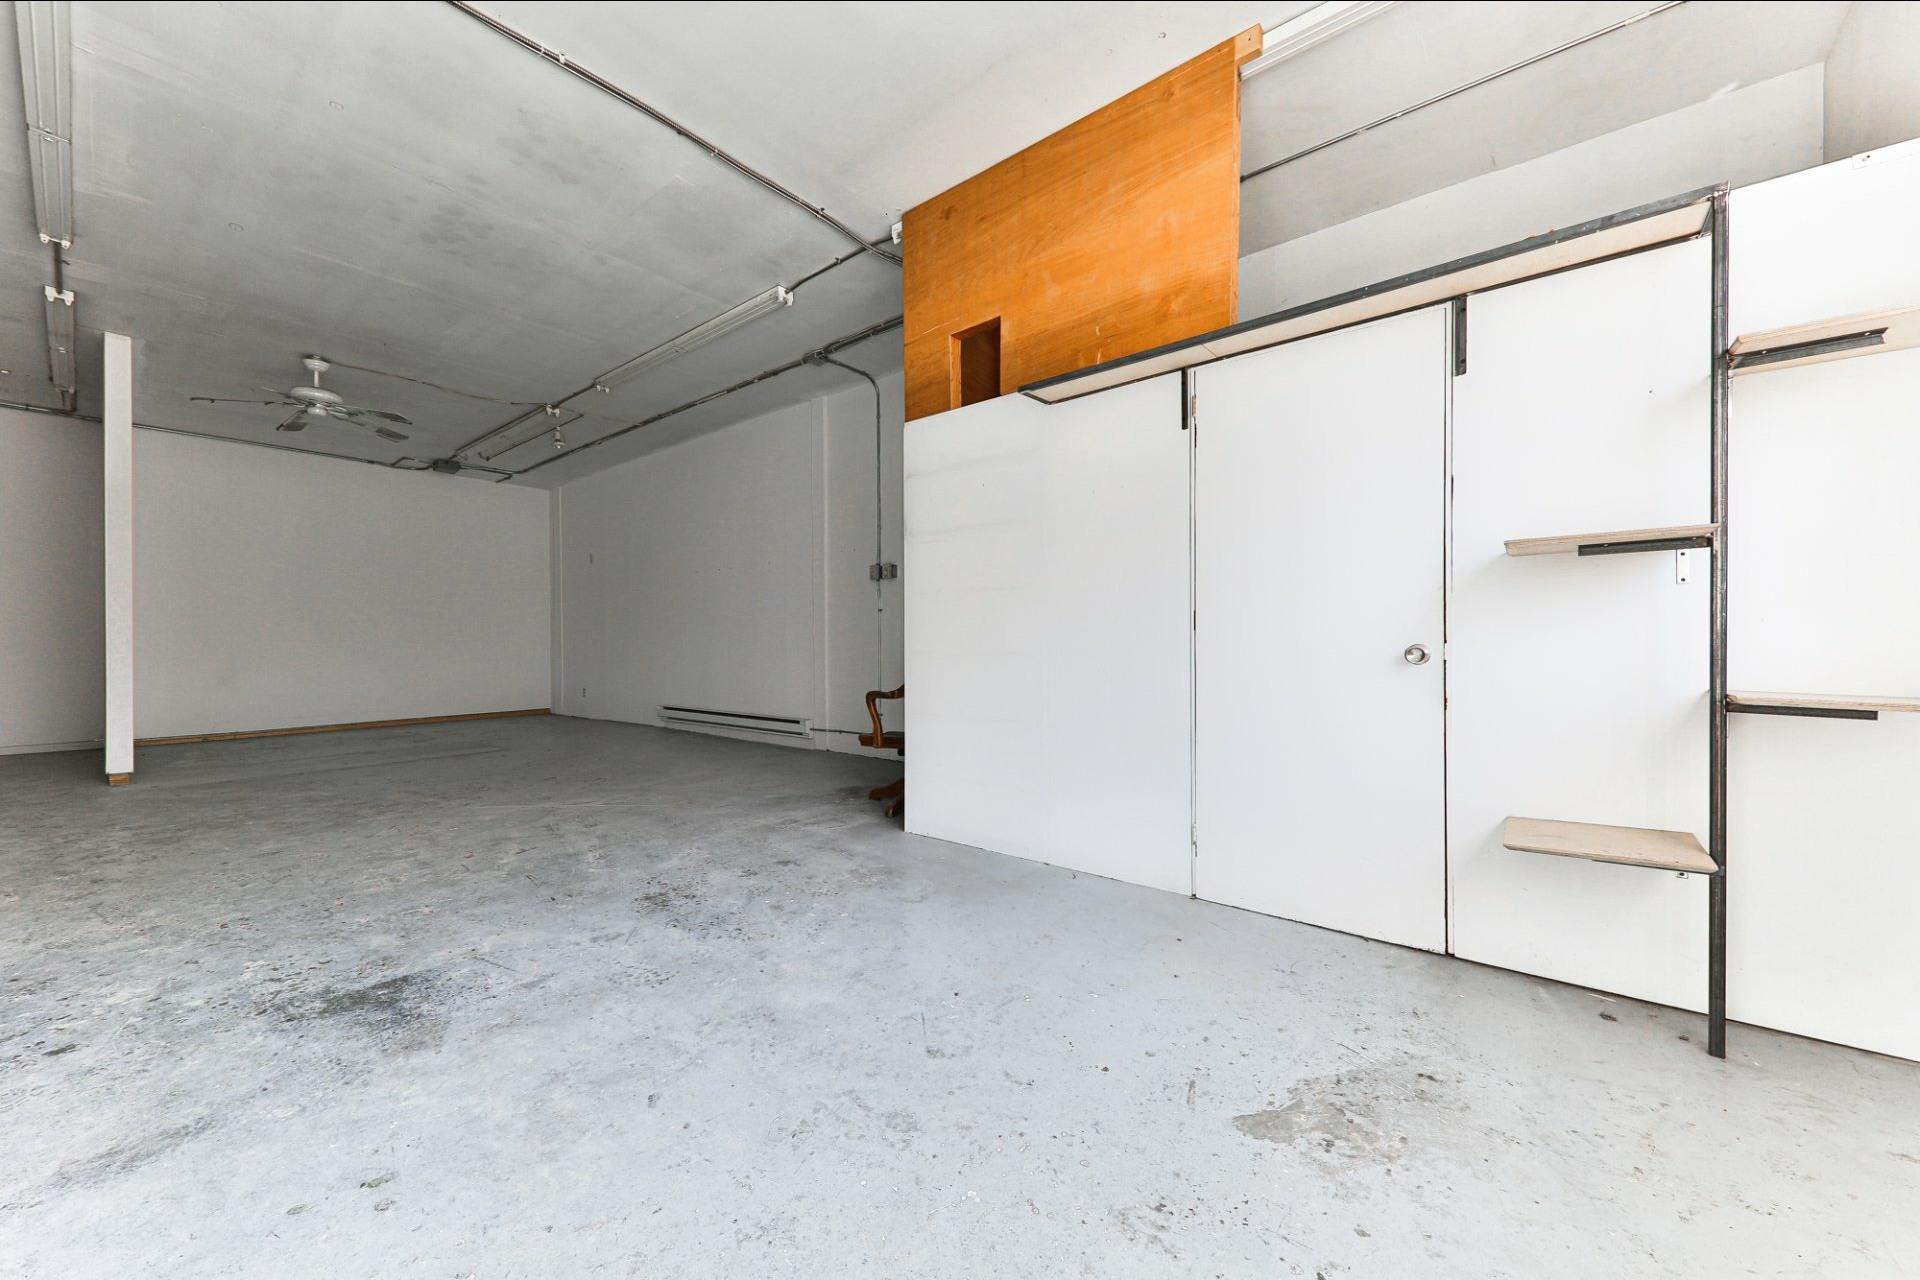 image 10 - Duplex À vendre Rosemont/La Petite-Patrie Montréal